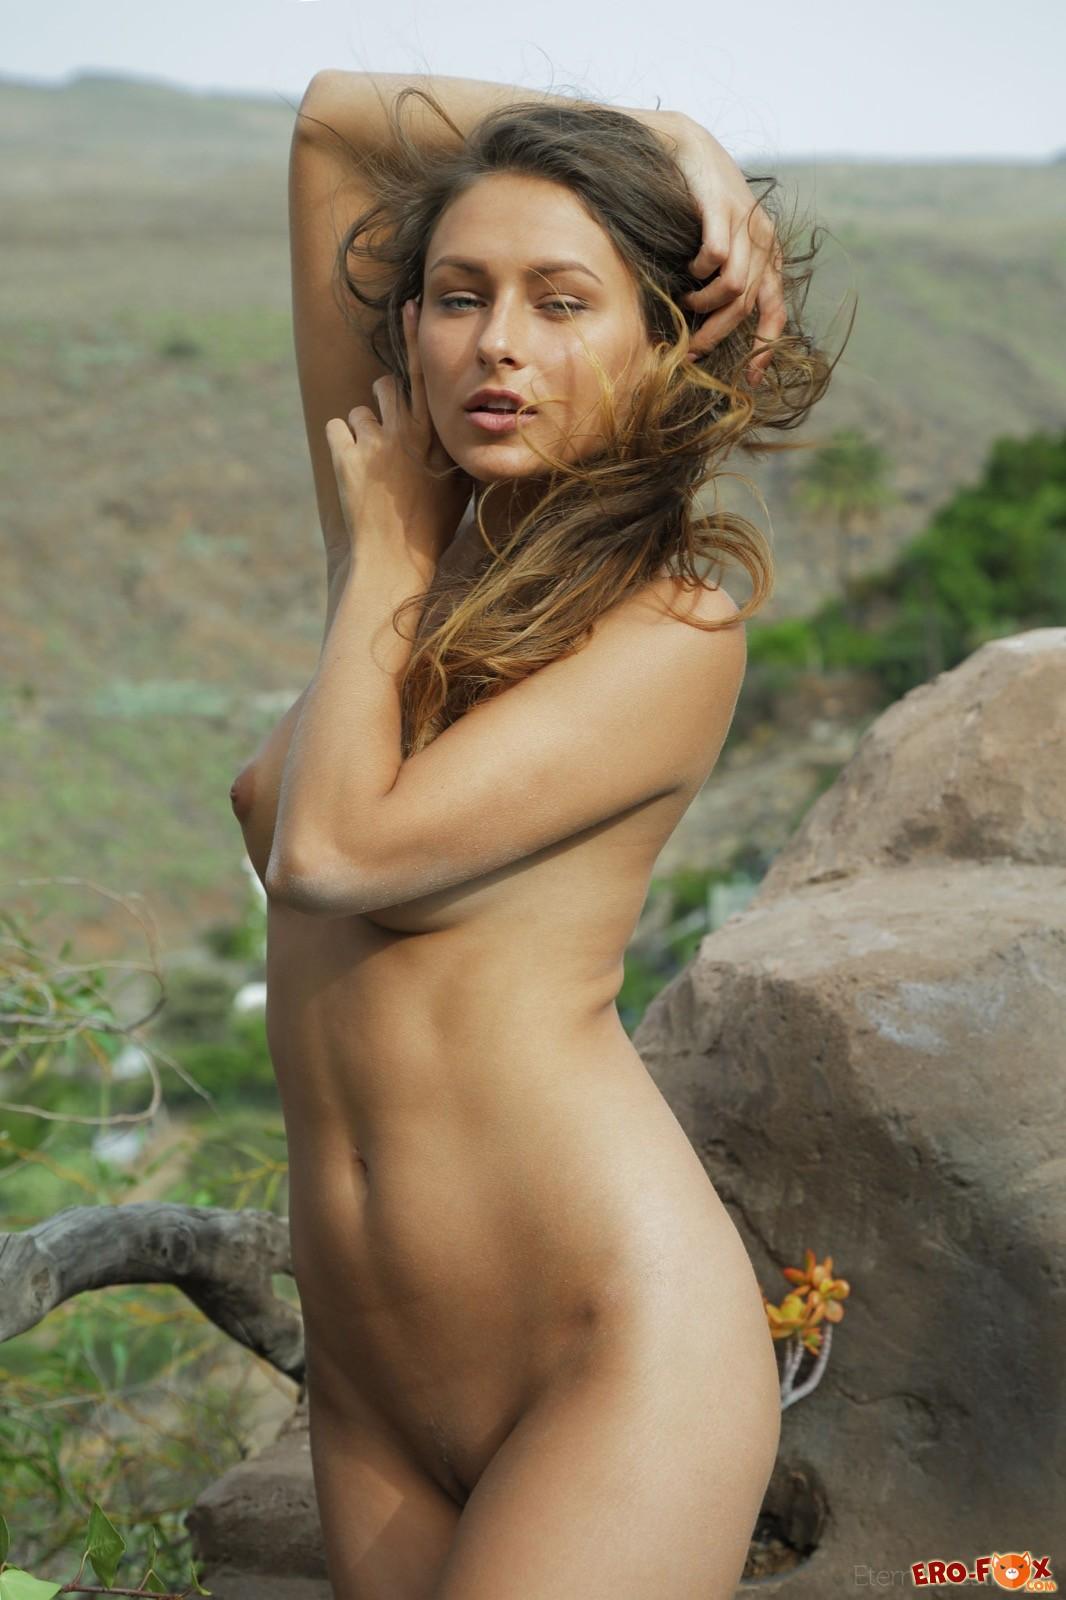 Сексуальное тело обнаженной девушки на природе